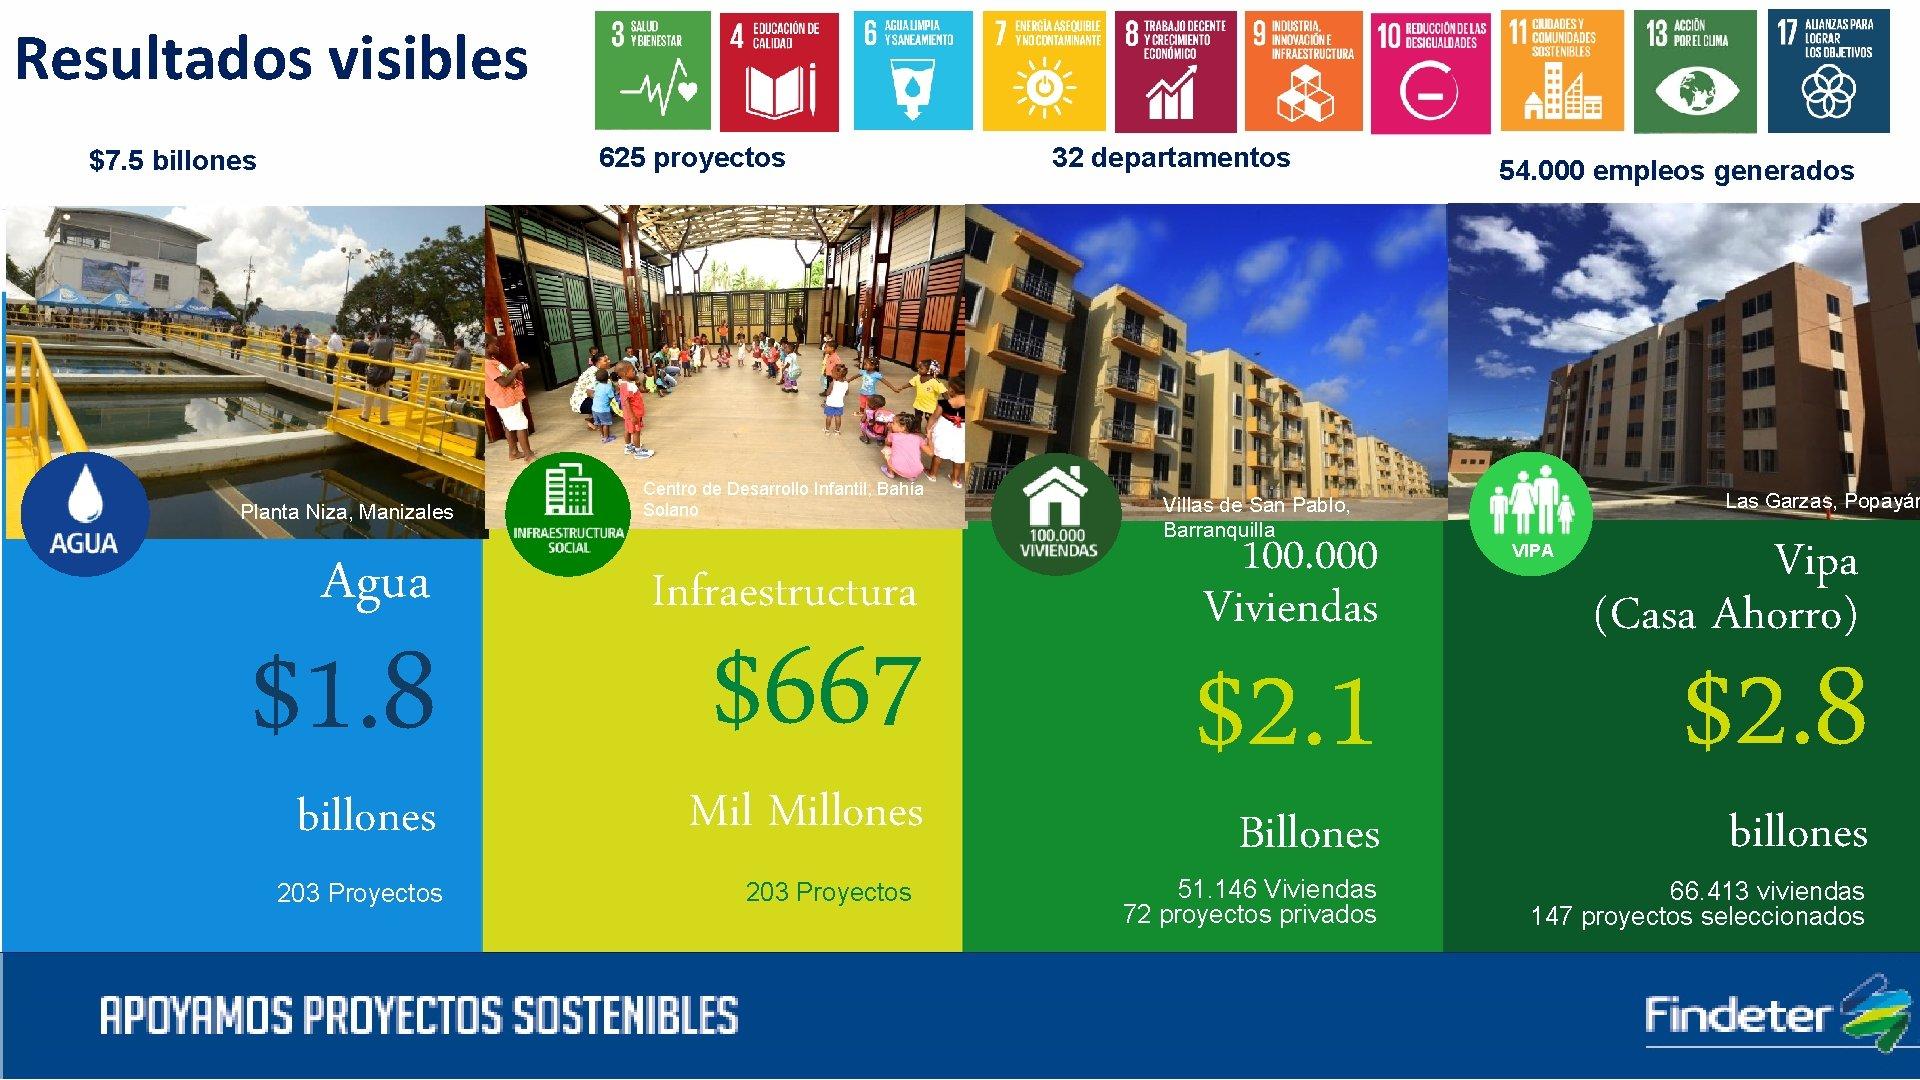 Resultados visibles 625 proyectos $7. 5 billones Planta Niza, Manizales Centro de Desarrollo Infantil,